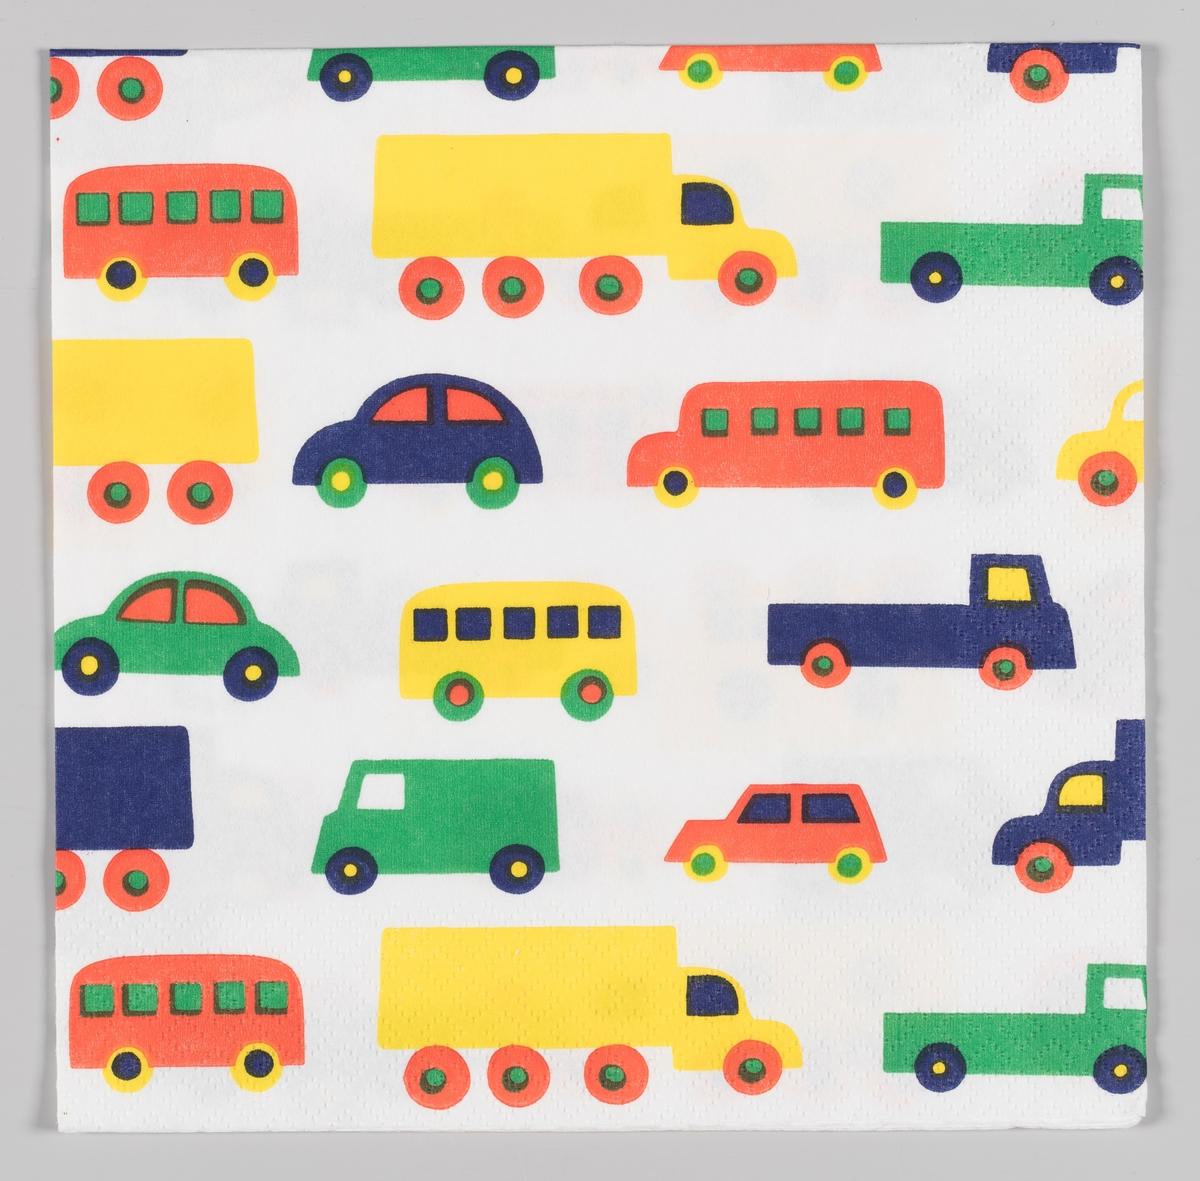 Biler, lastebiler og pickuper i mange farger.